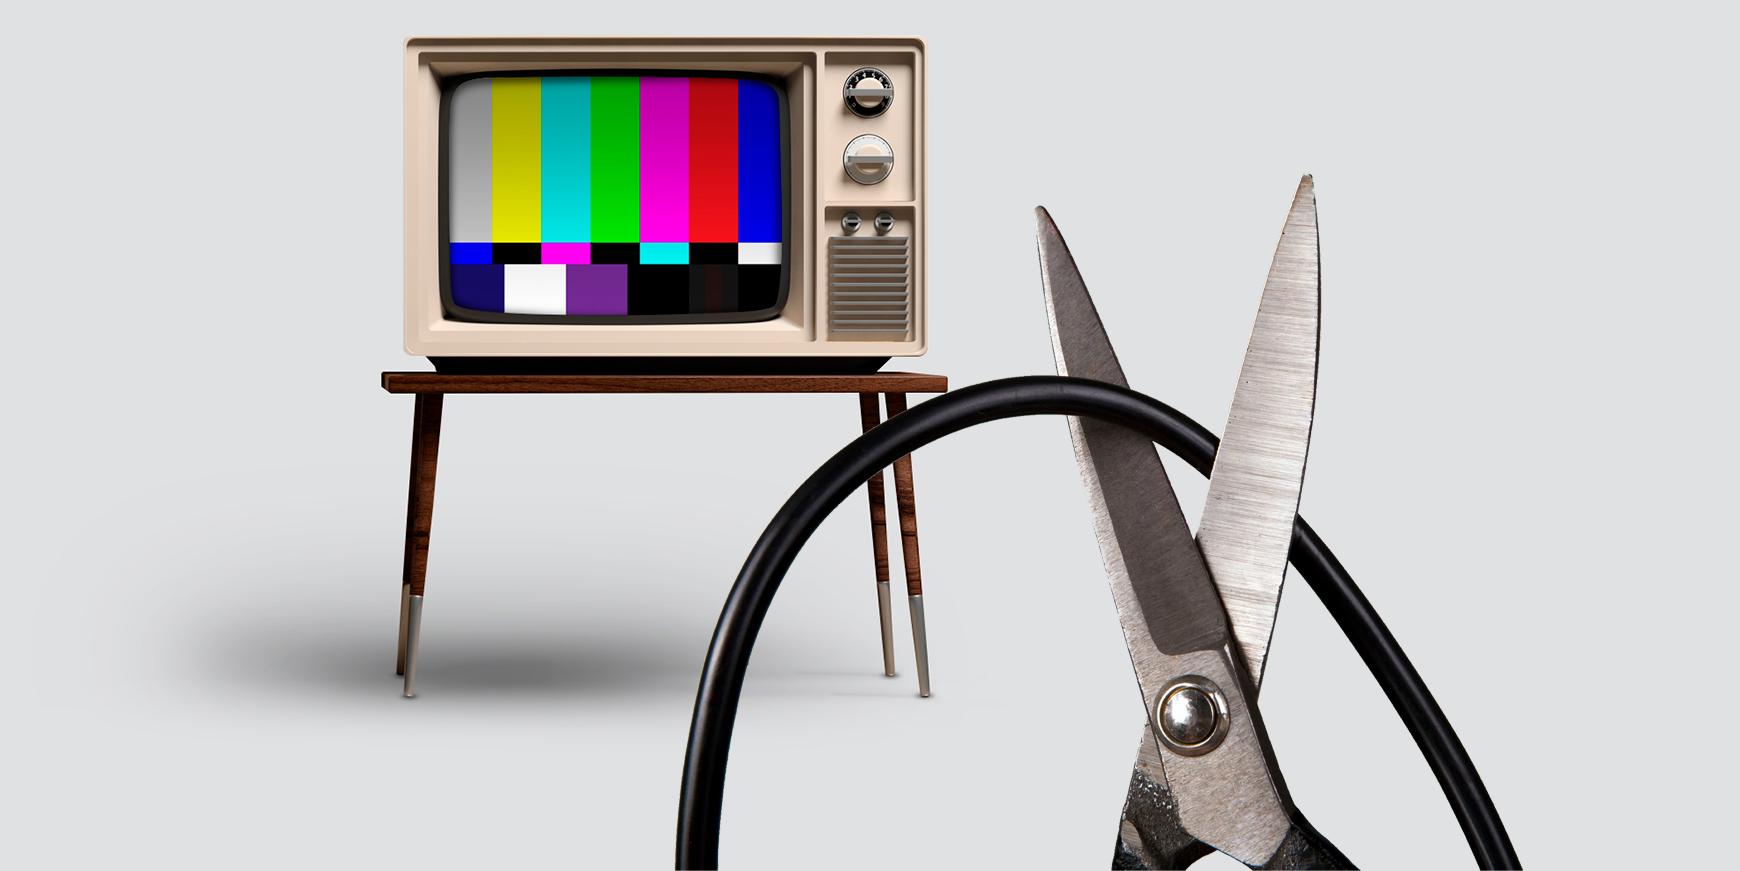 tv-kablerne